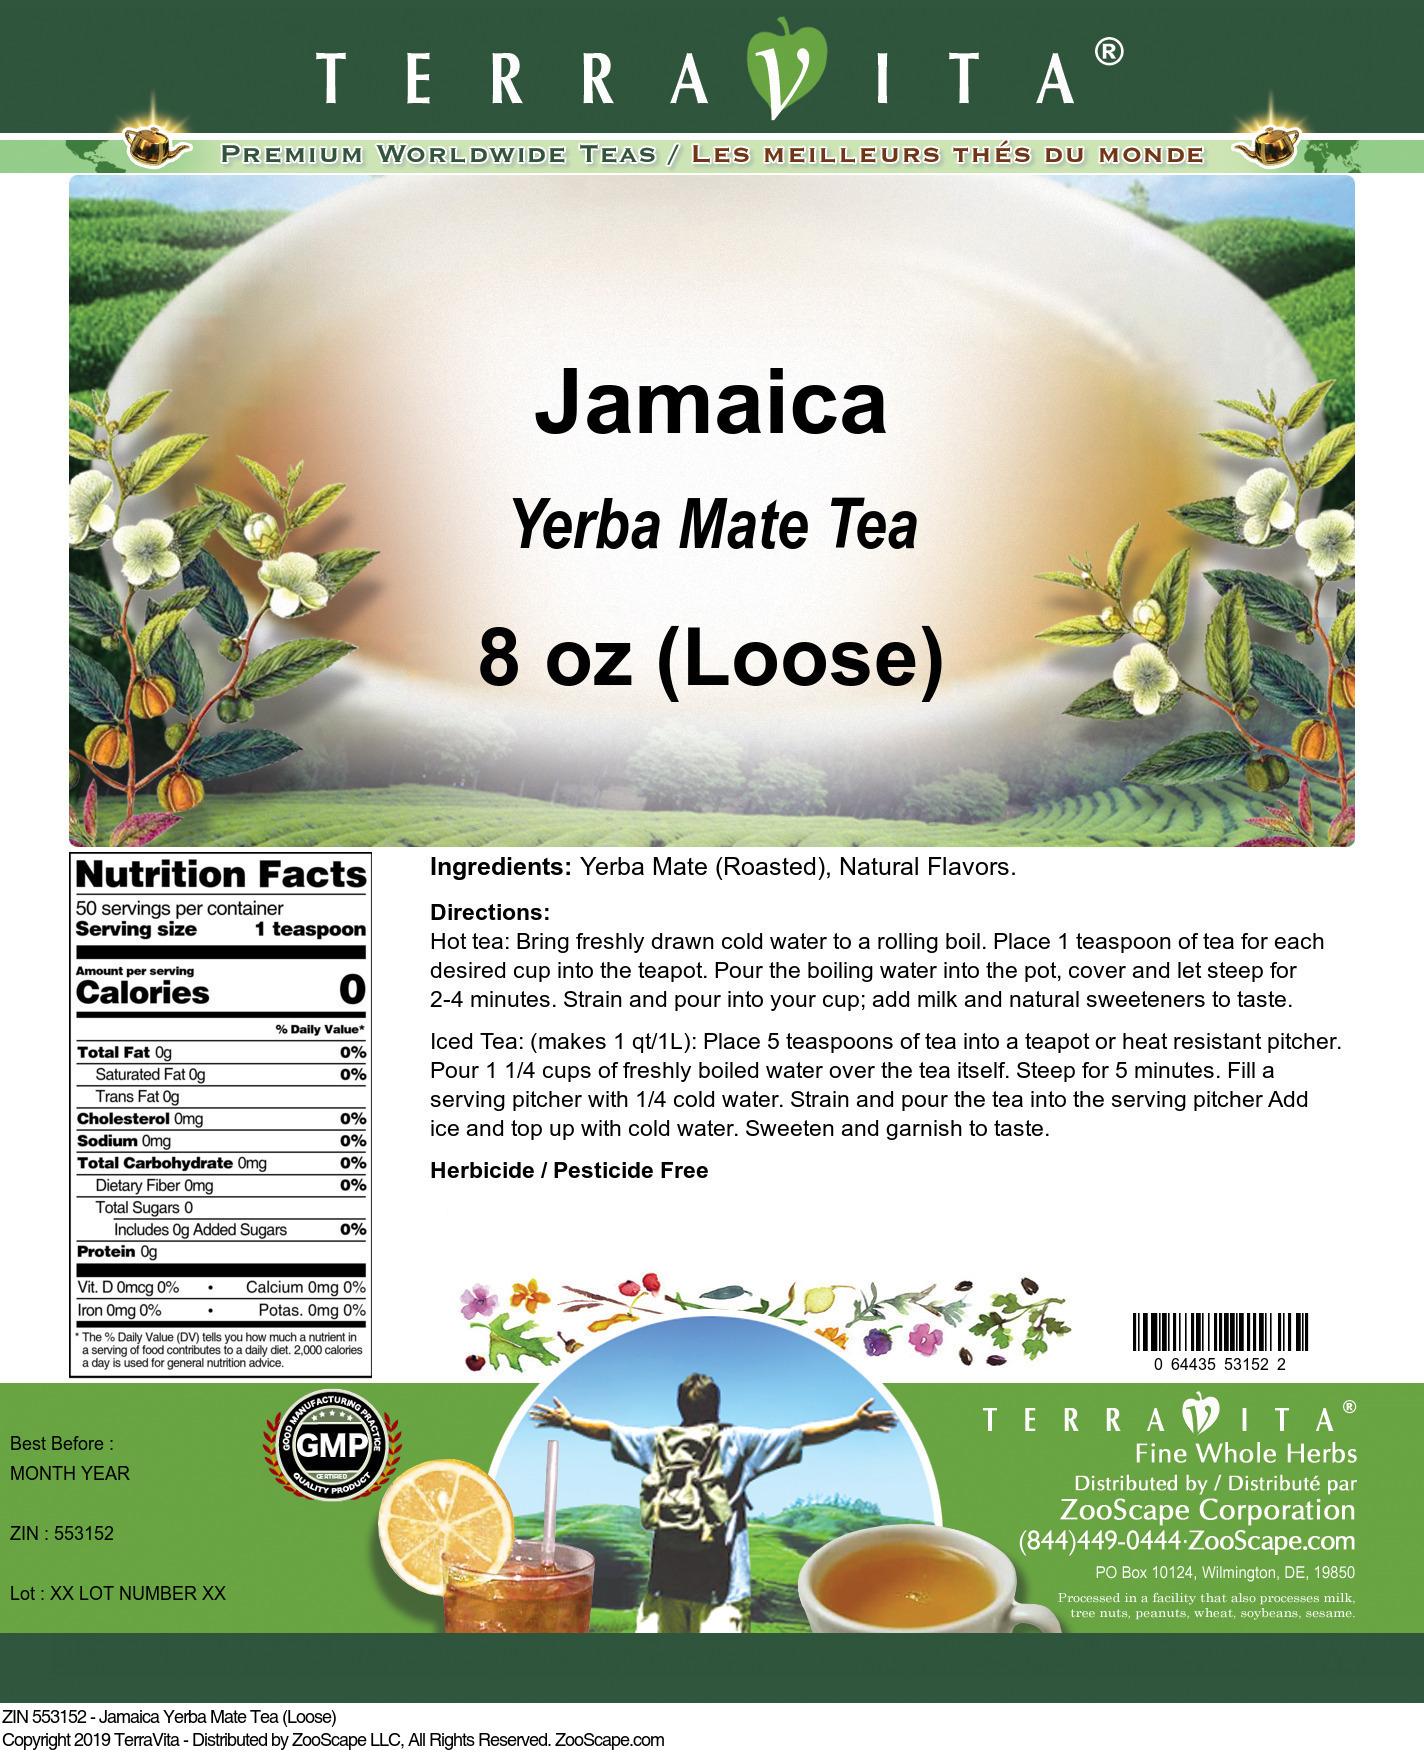 Jamaica Yerba Mate